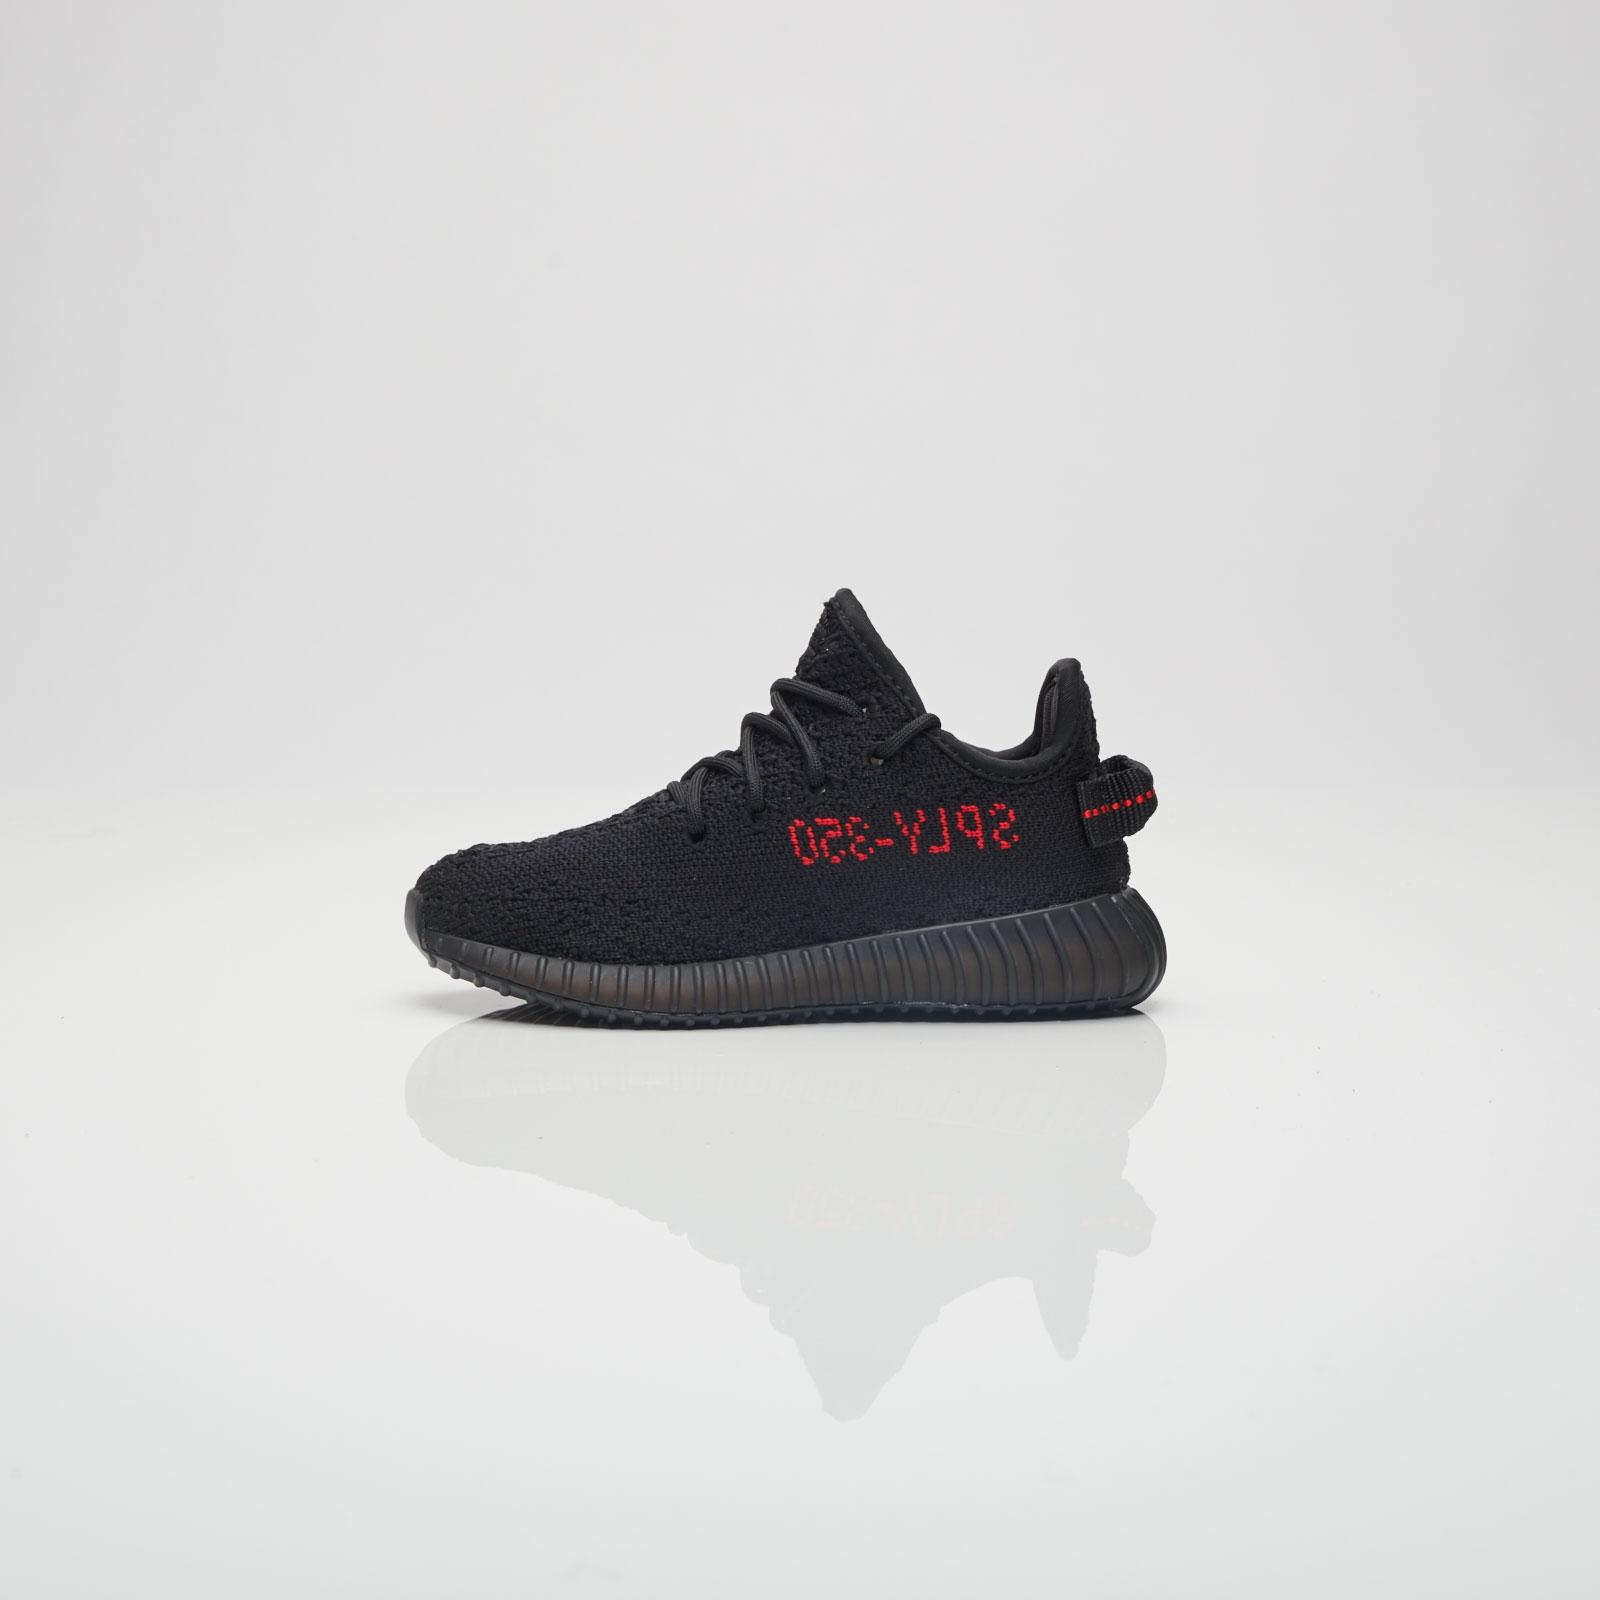 best service 1b356 38199 adidas Yeezy Boost 350 V2 Infants - Bb6372 - Sneakersnstuff   sneakers    streetwear online since 1999